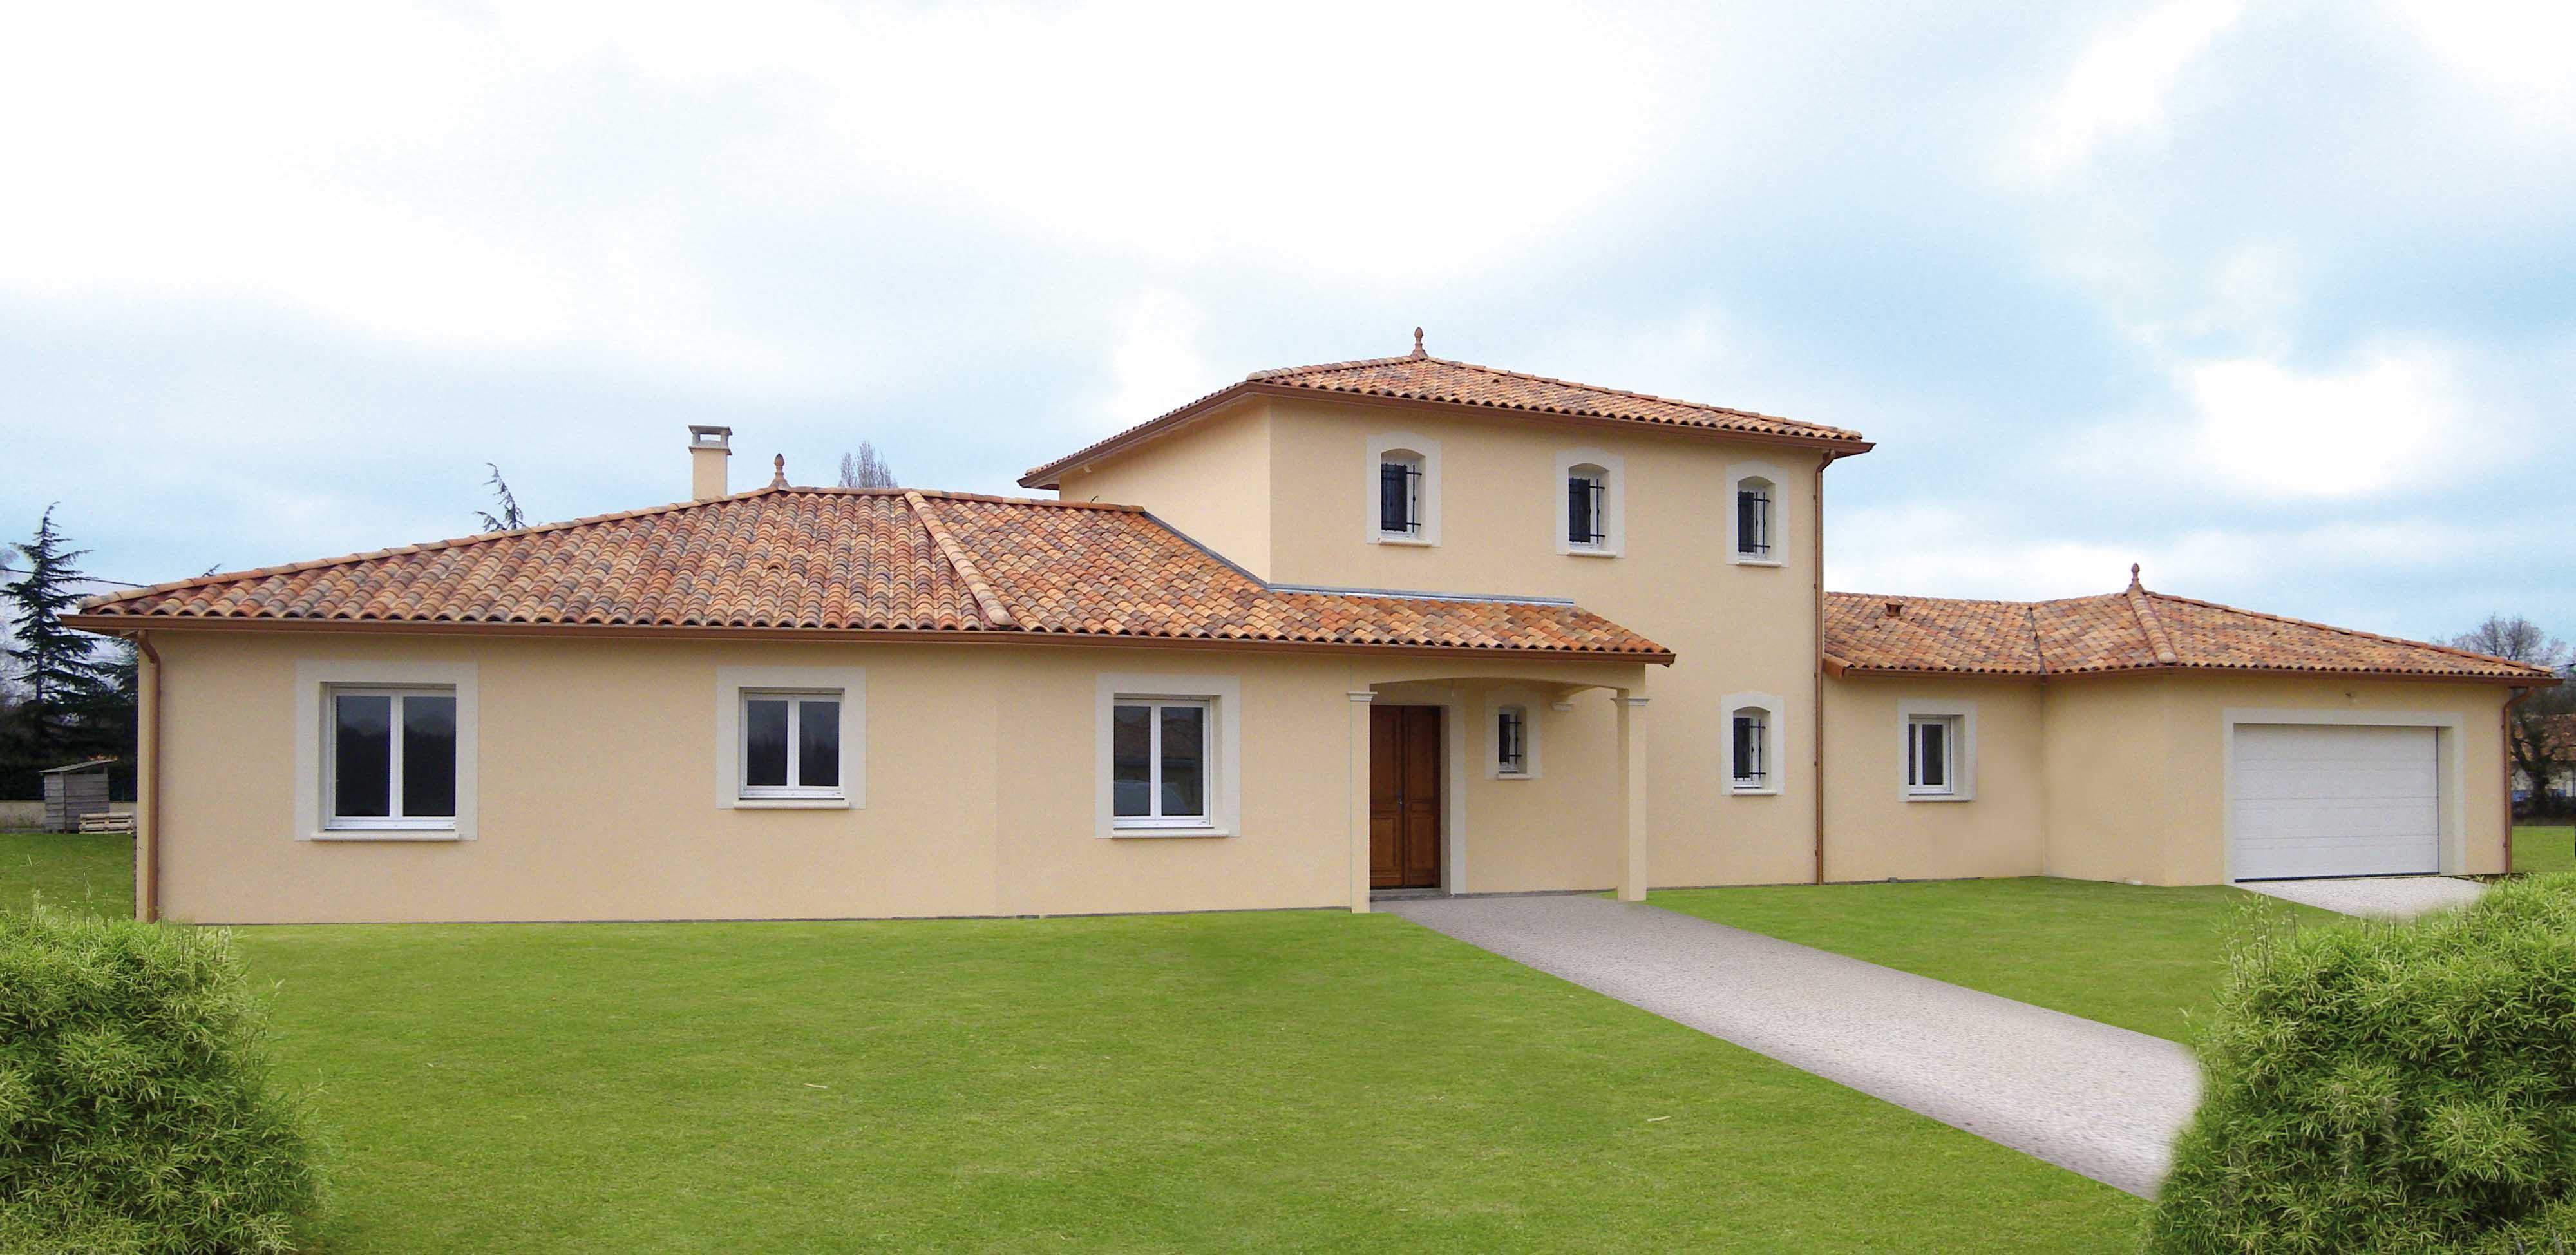 Construction 86 fr r alisation d 39 une maison individuelle for Recherche constructeur maison individuelle